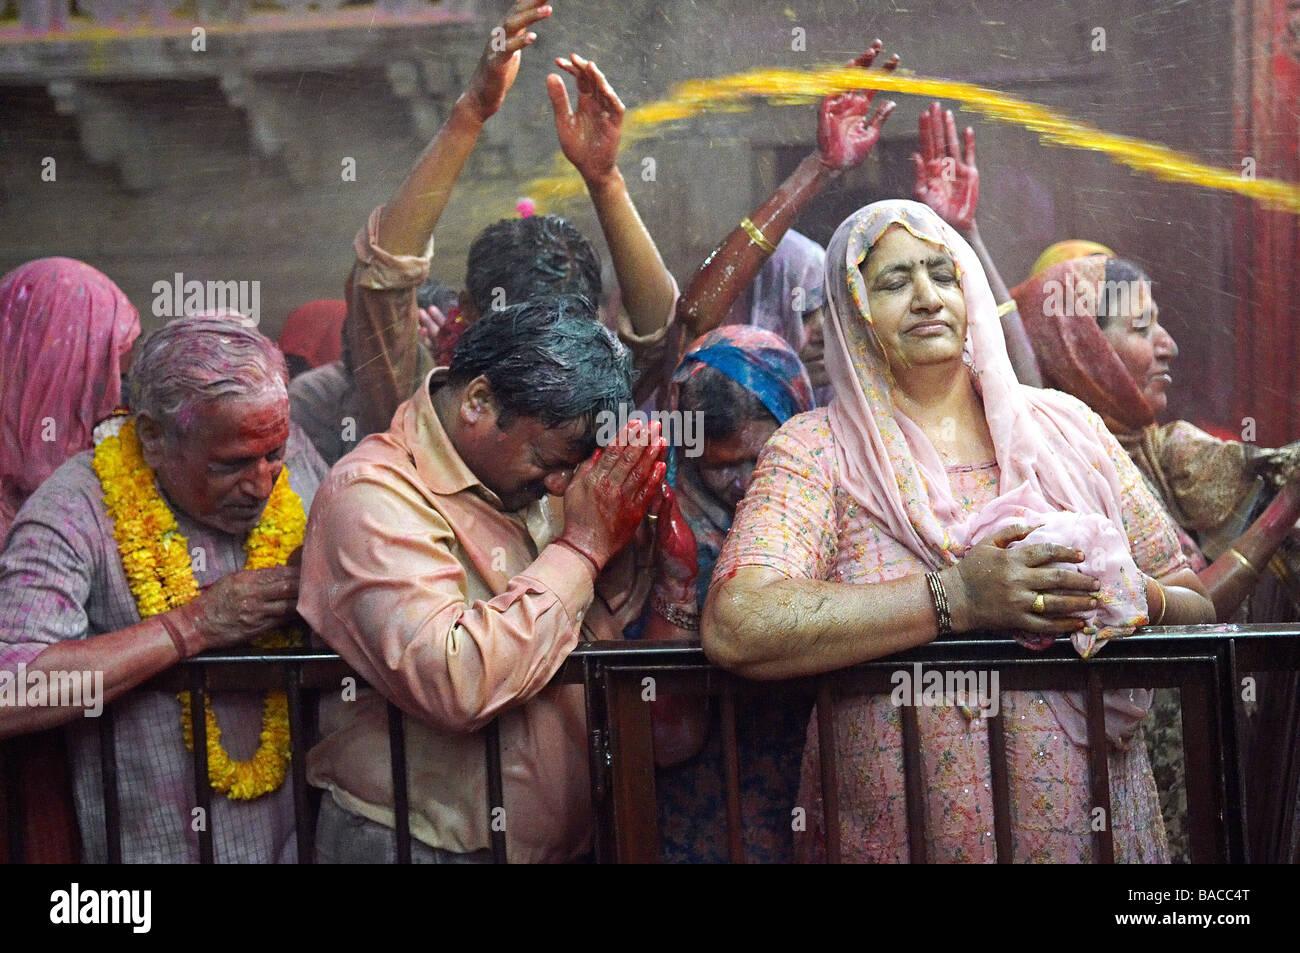 La India, Uttar Pradesh, templo dedicado al dios Krishna, Holi Festival, el color y la fiesta de la primavera Foto de stock